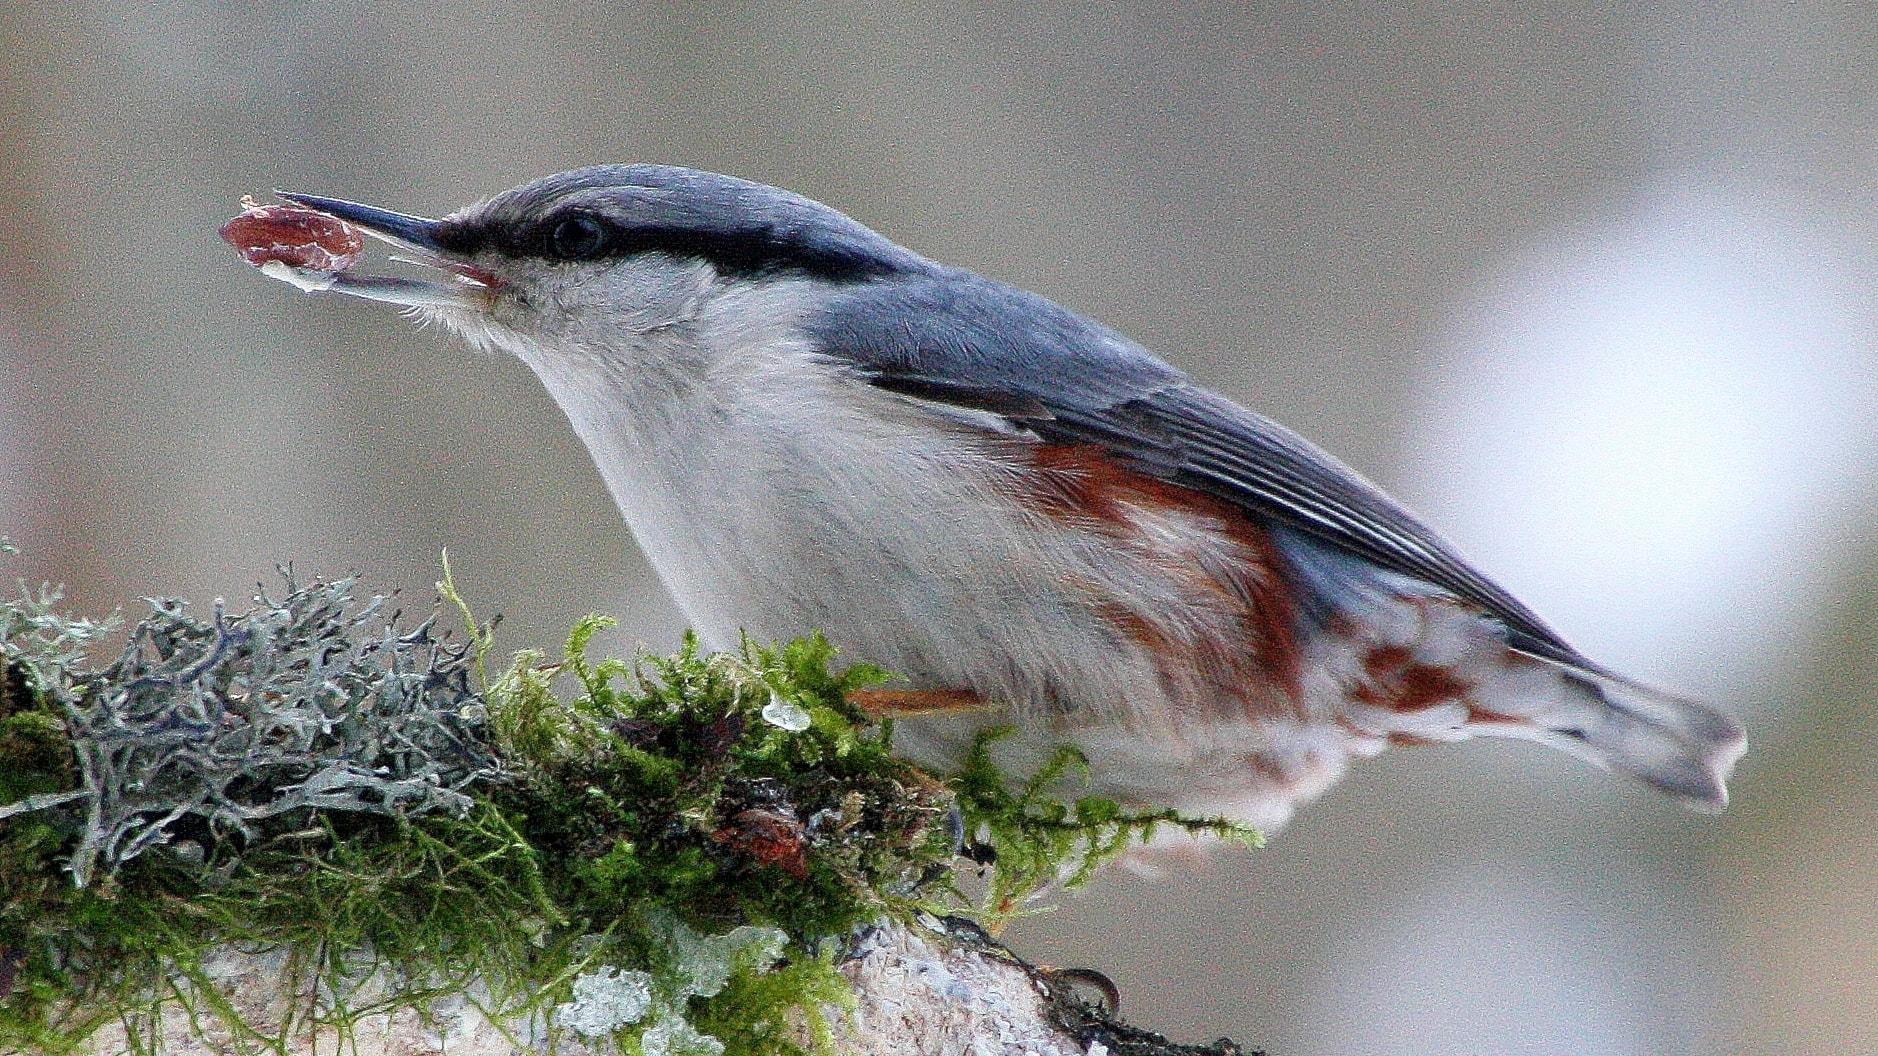 Fågelsånglektion #16: Nötväcka och trädkrypare